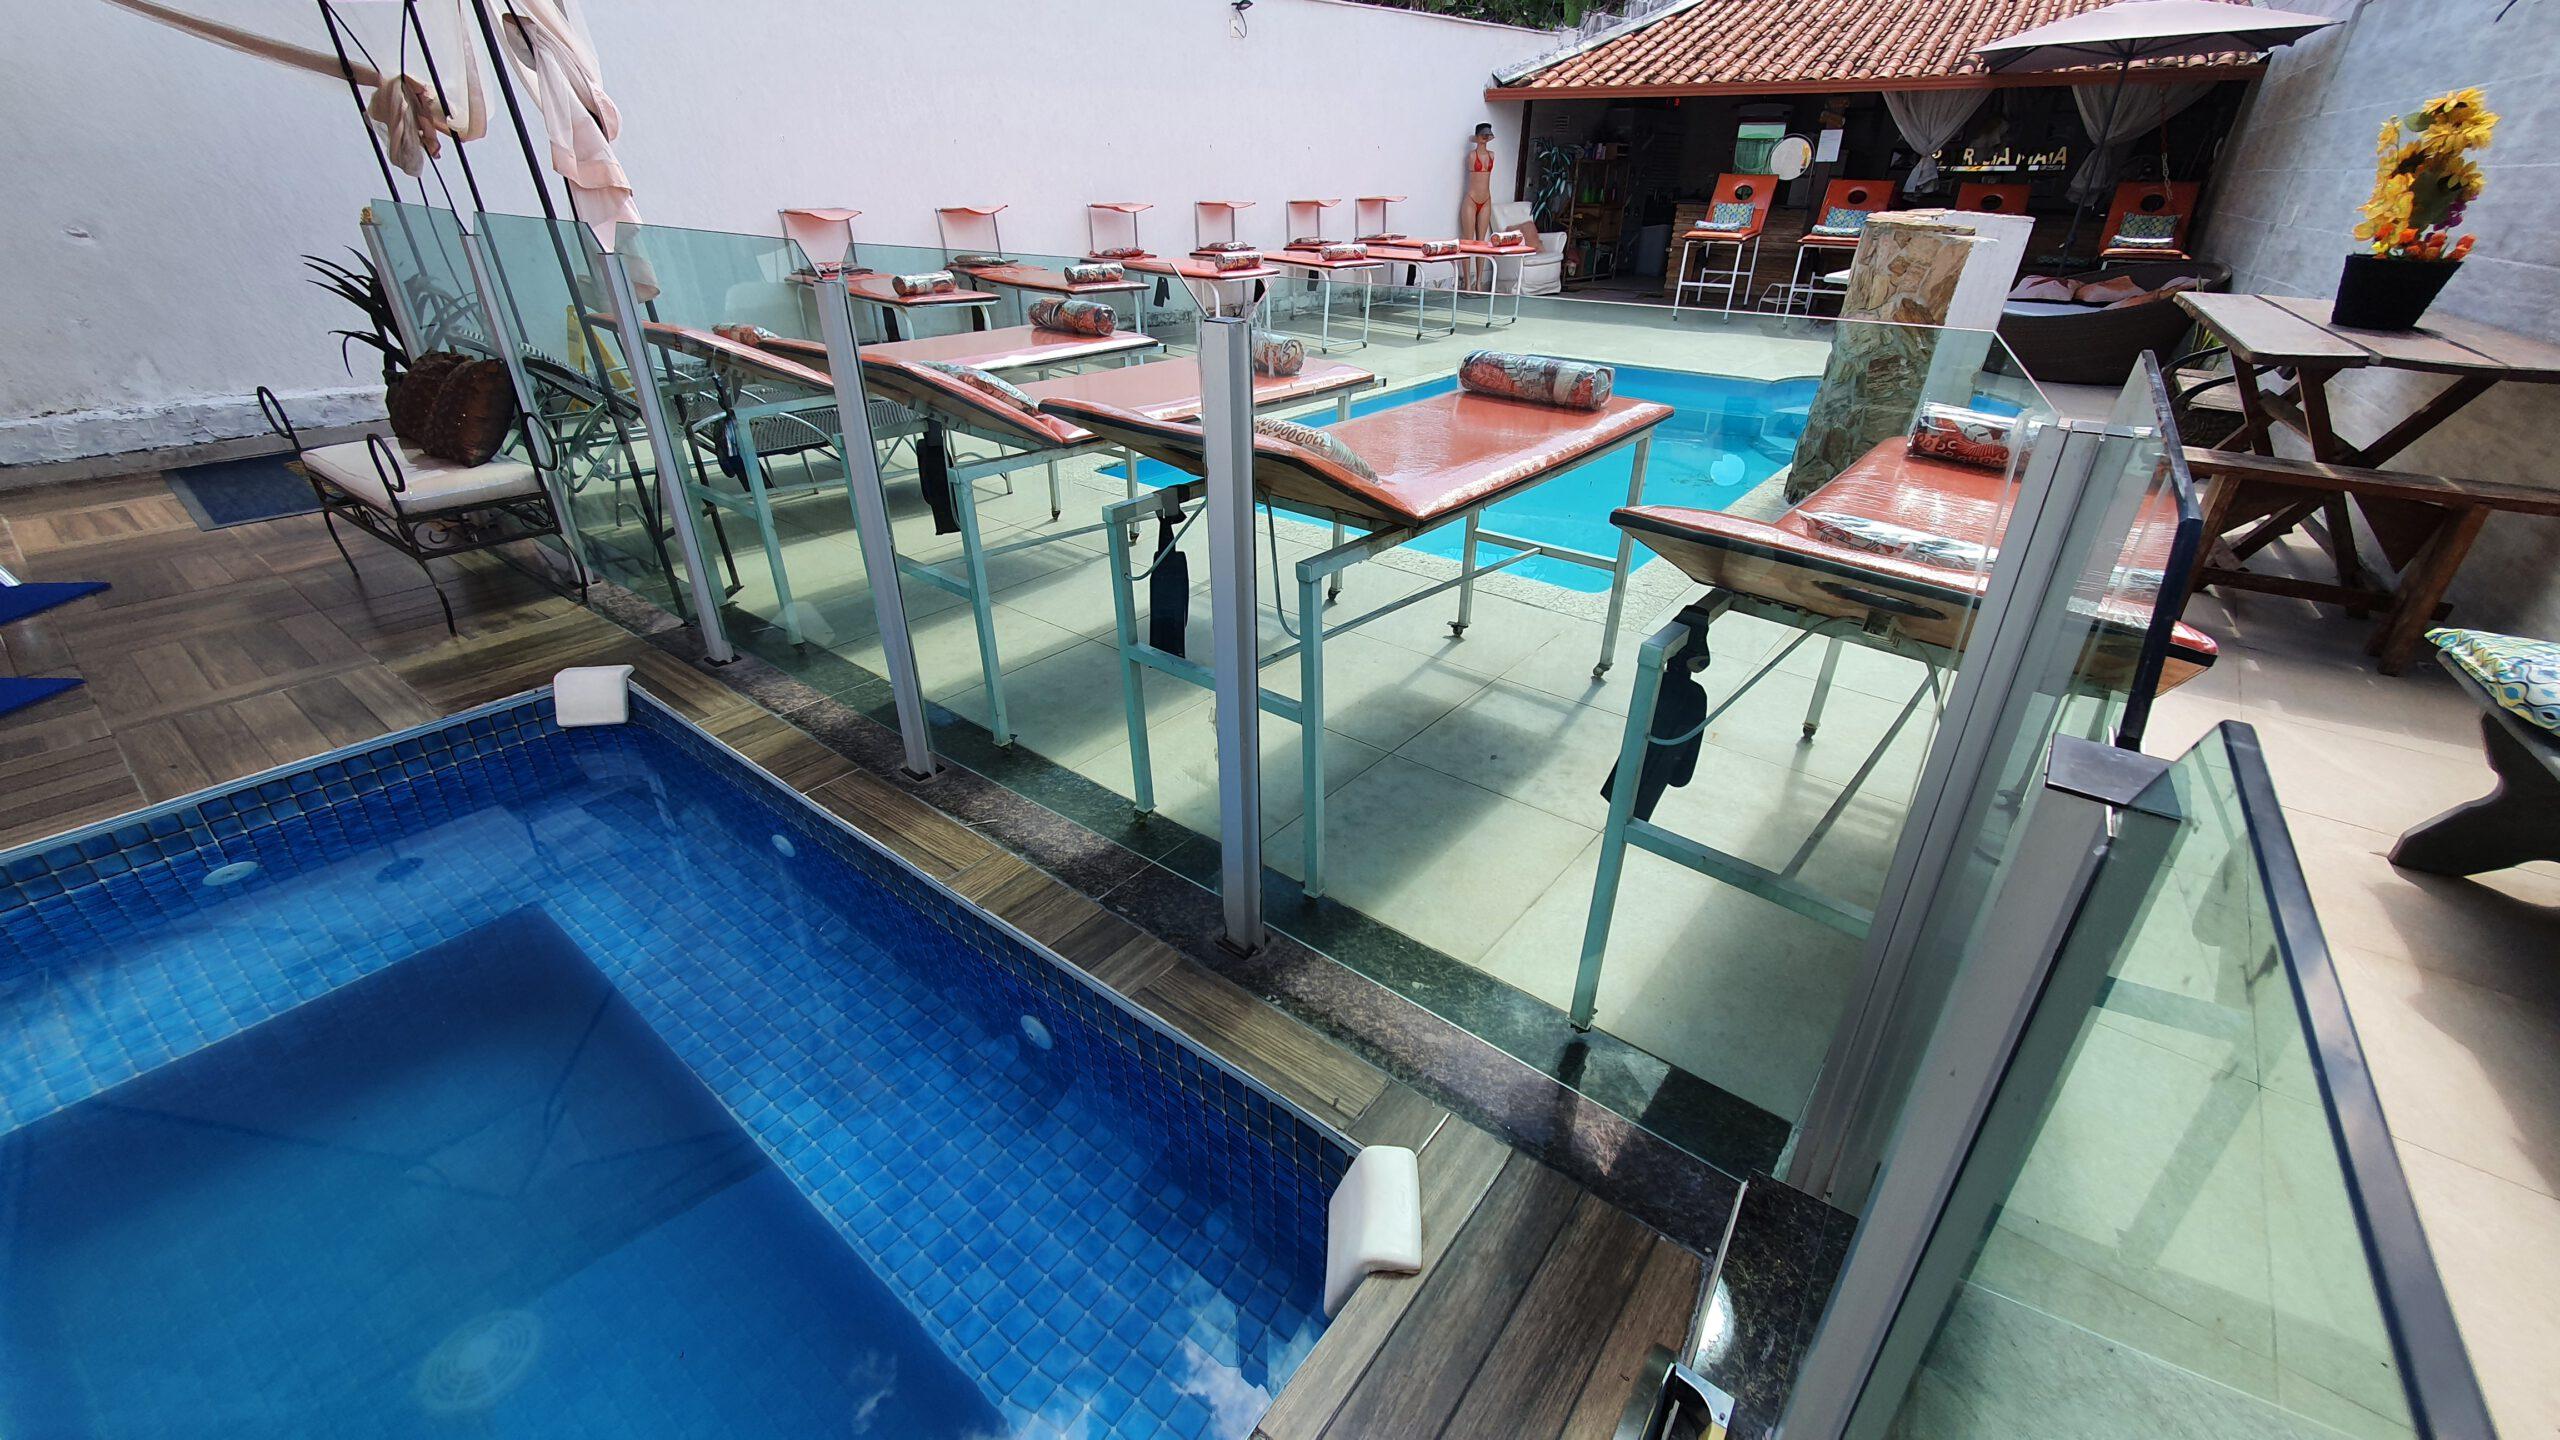 sol-bronze-bh-fotos-do-espaco-piscina-tenda